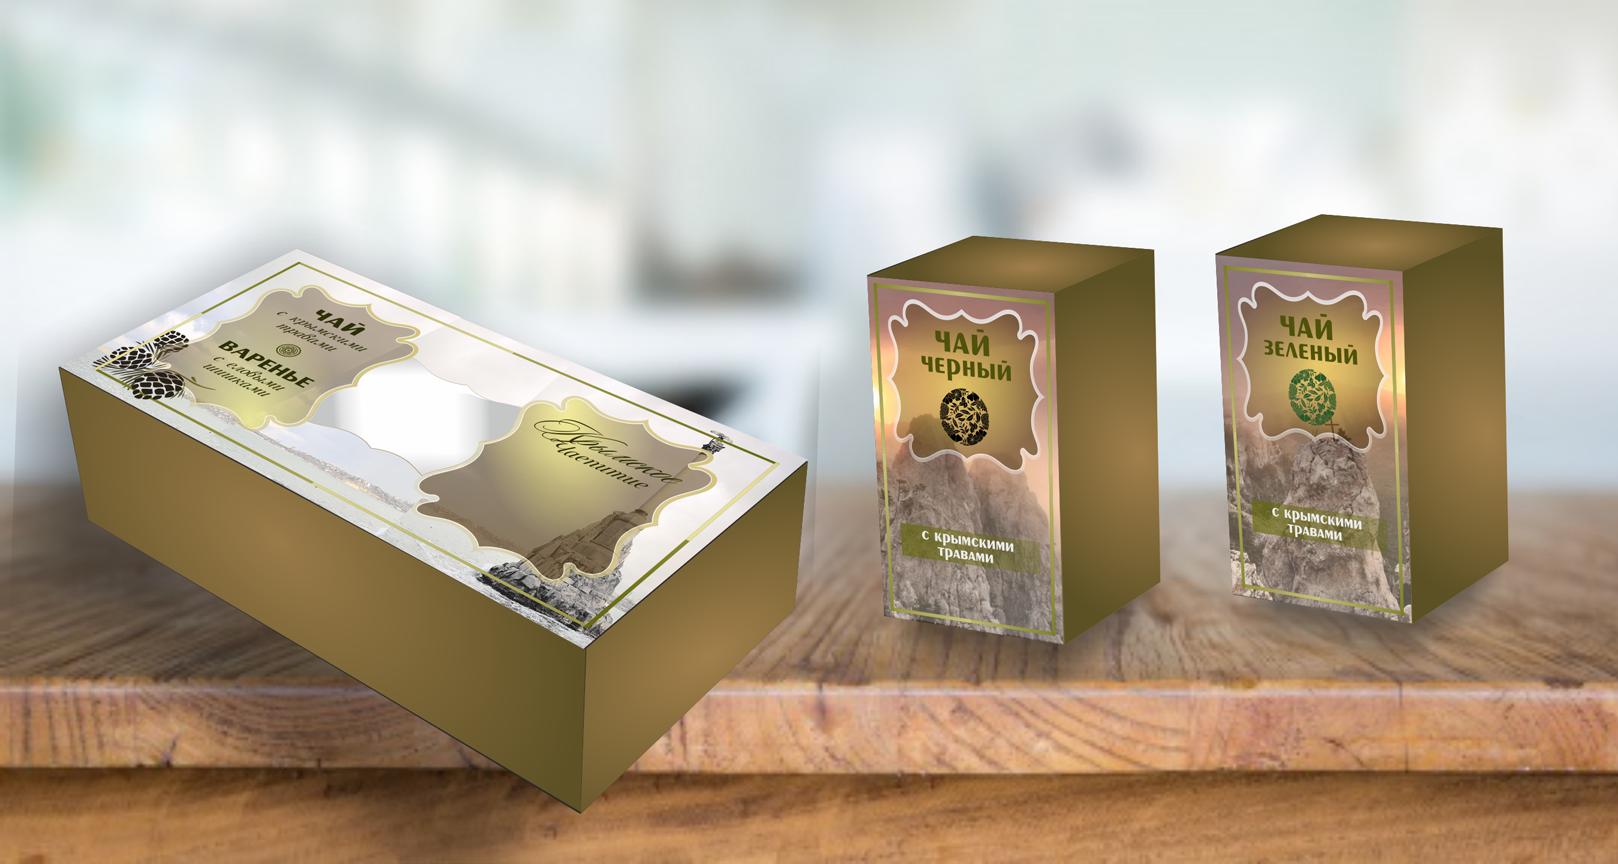 Дизайн подарочной-сувенирной коробки: с чаем и варением фото f_0935a620af14b0a0.png